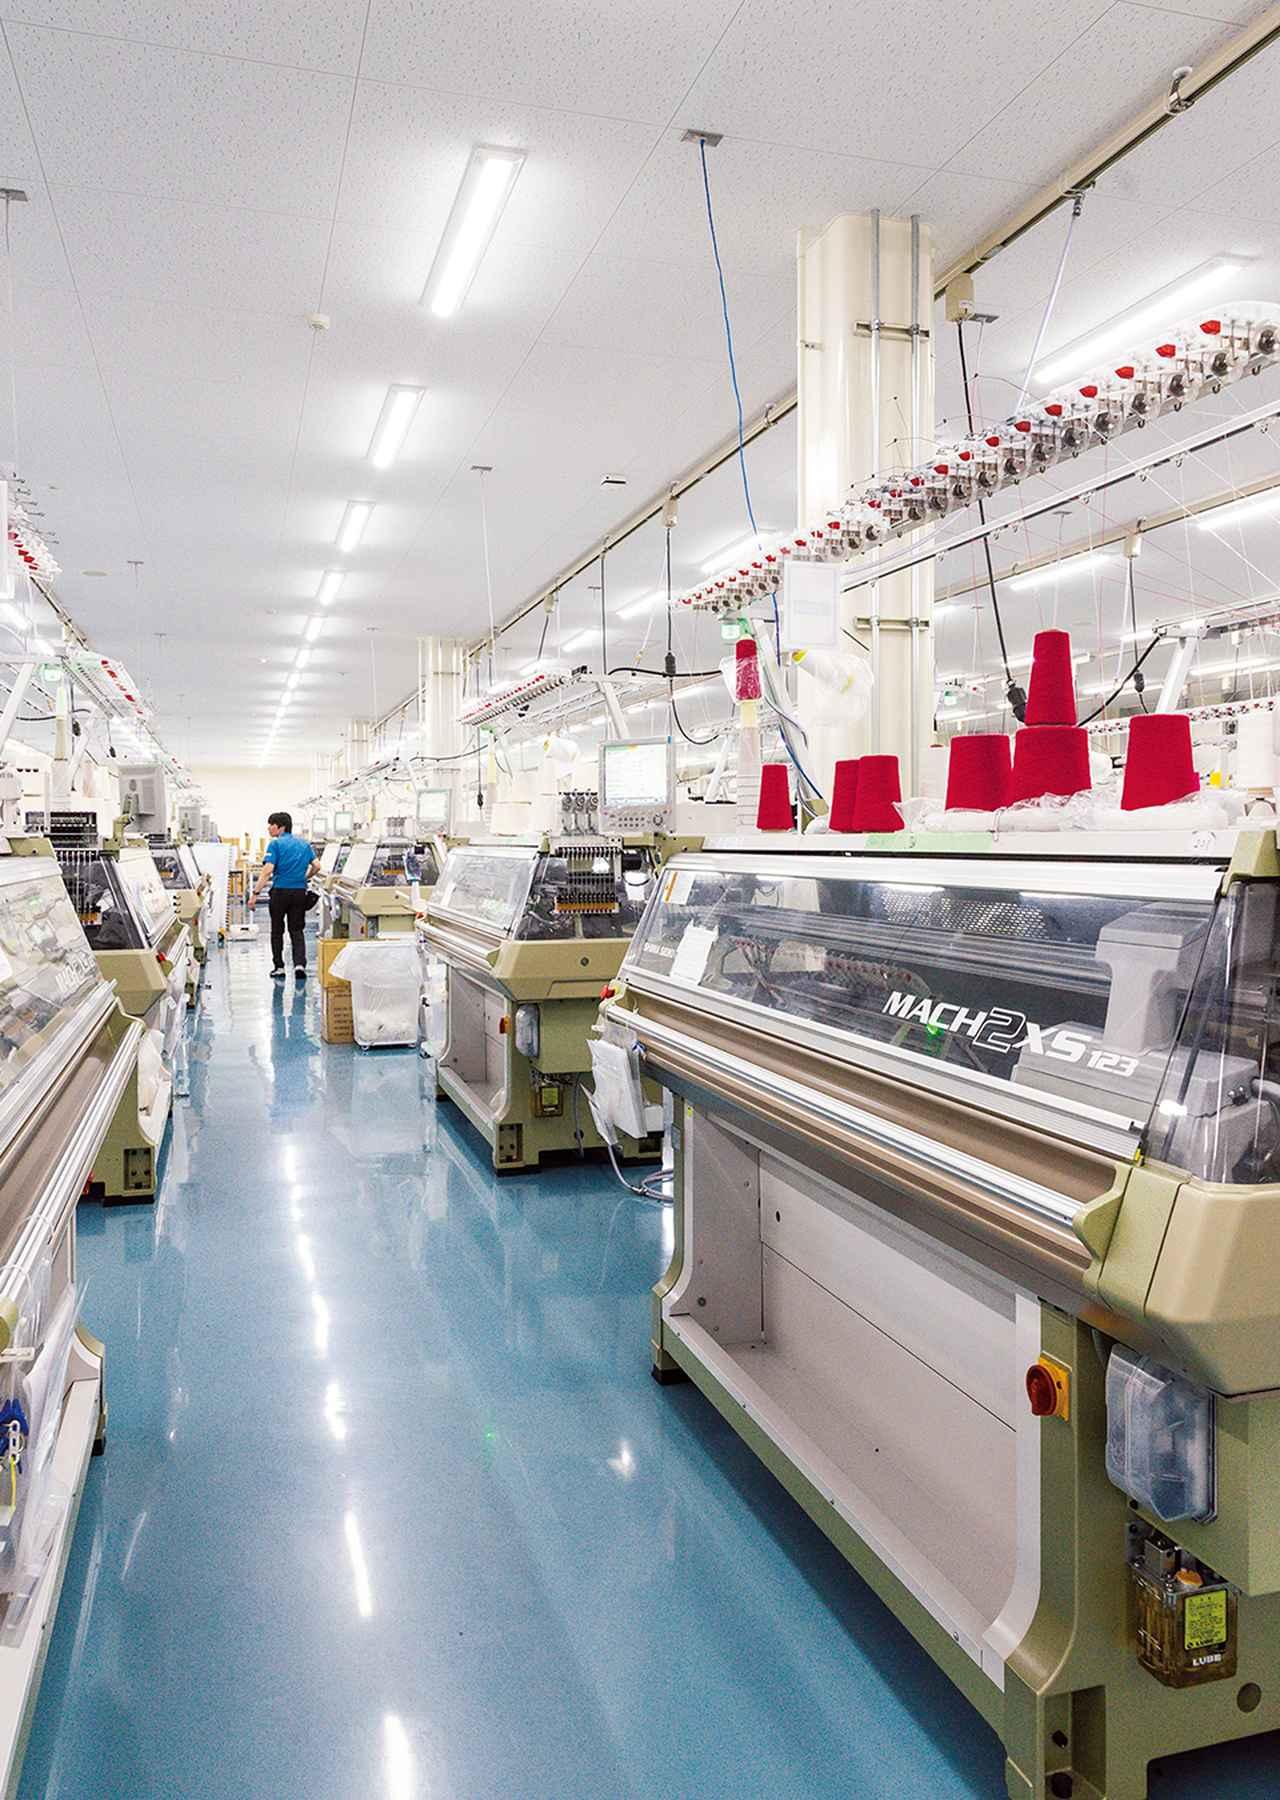 Images : 和歌山市内にある島精機製作所